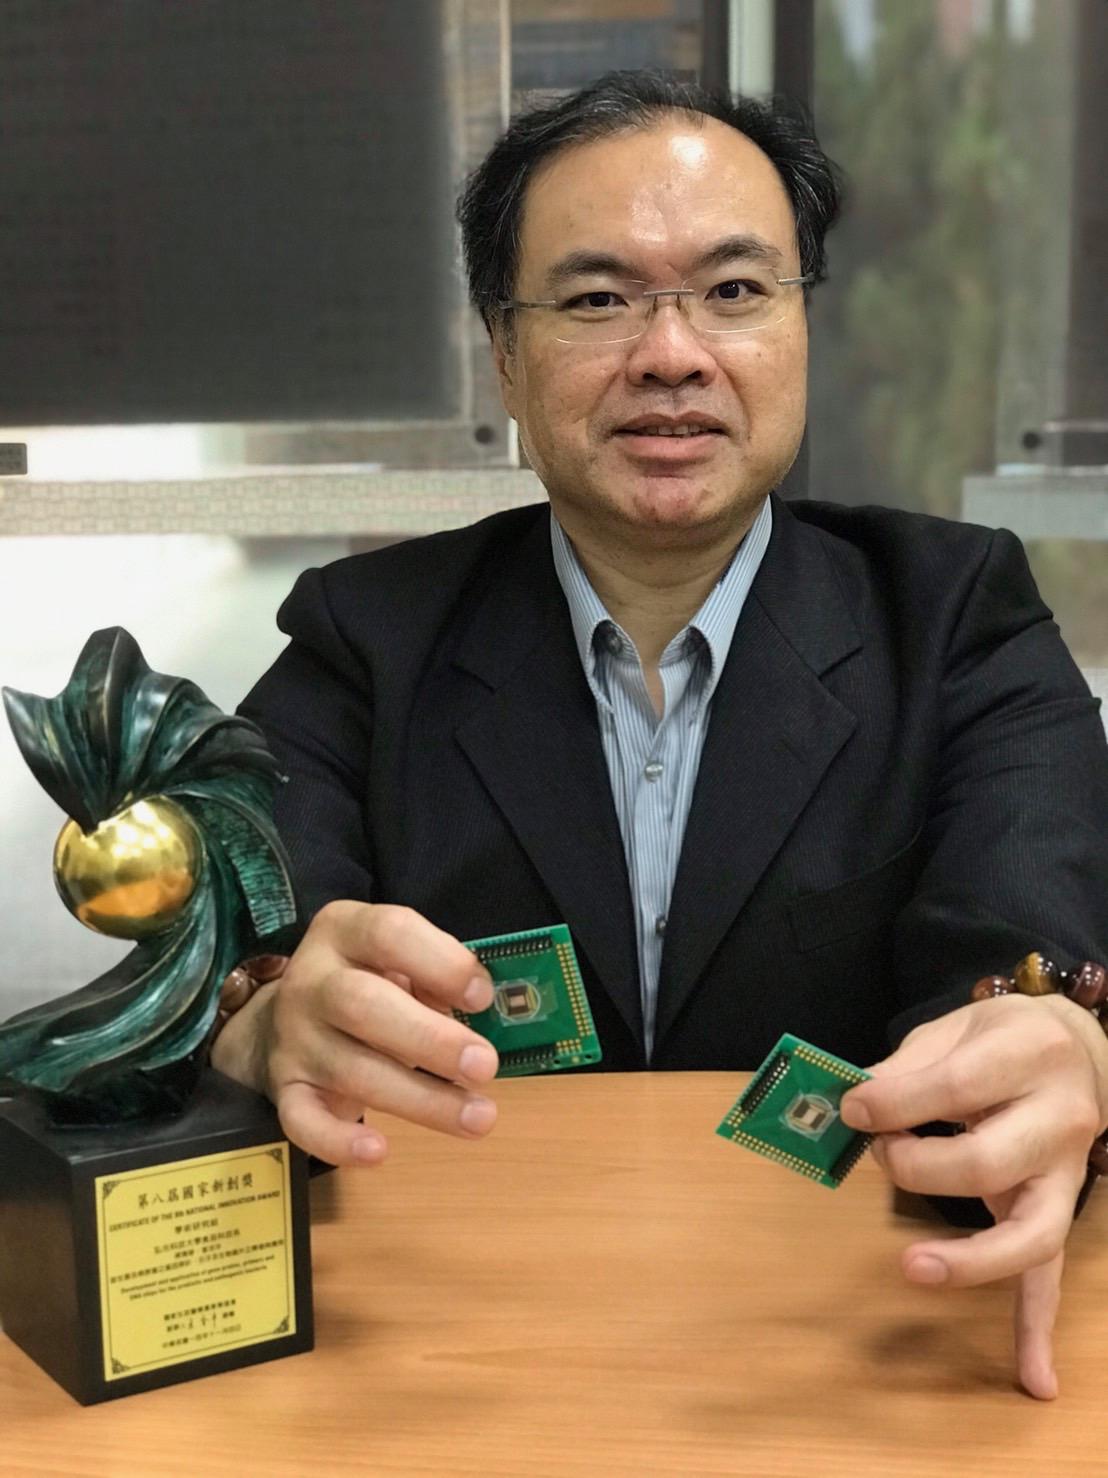 亞洲大學保健系特聘教授暨食安中心主任蔣育錚教授,榮獲第十六屆國家新創獎。